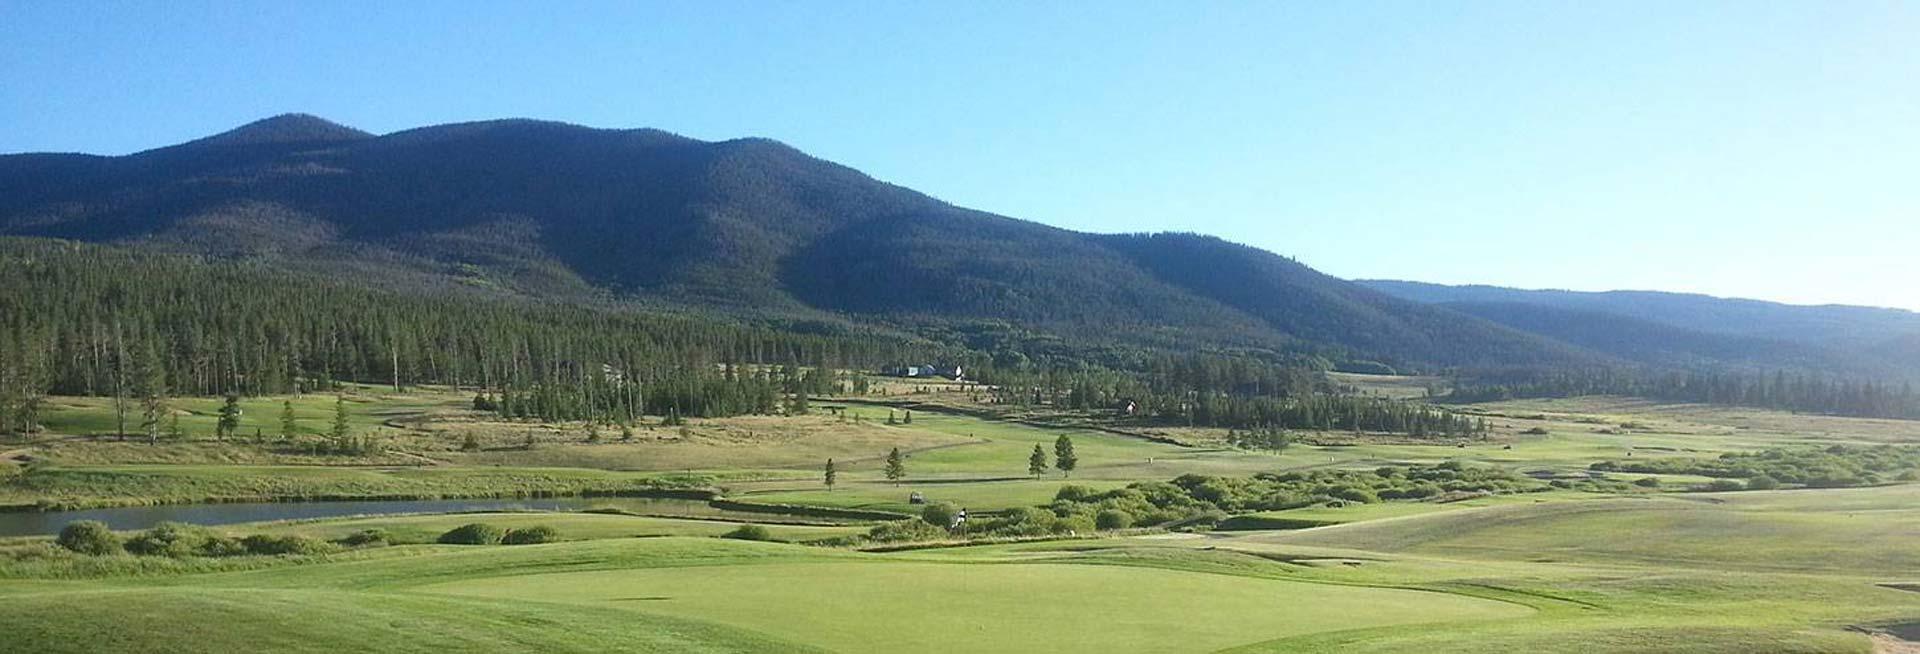 Scenic golf course.